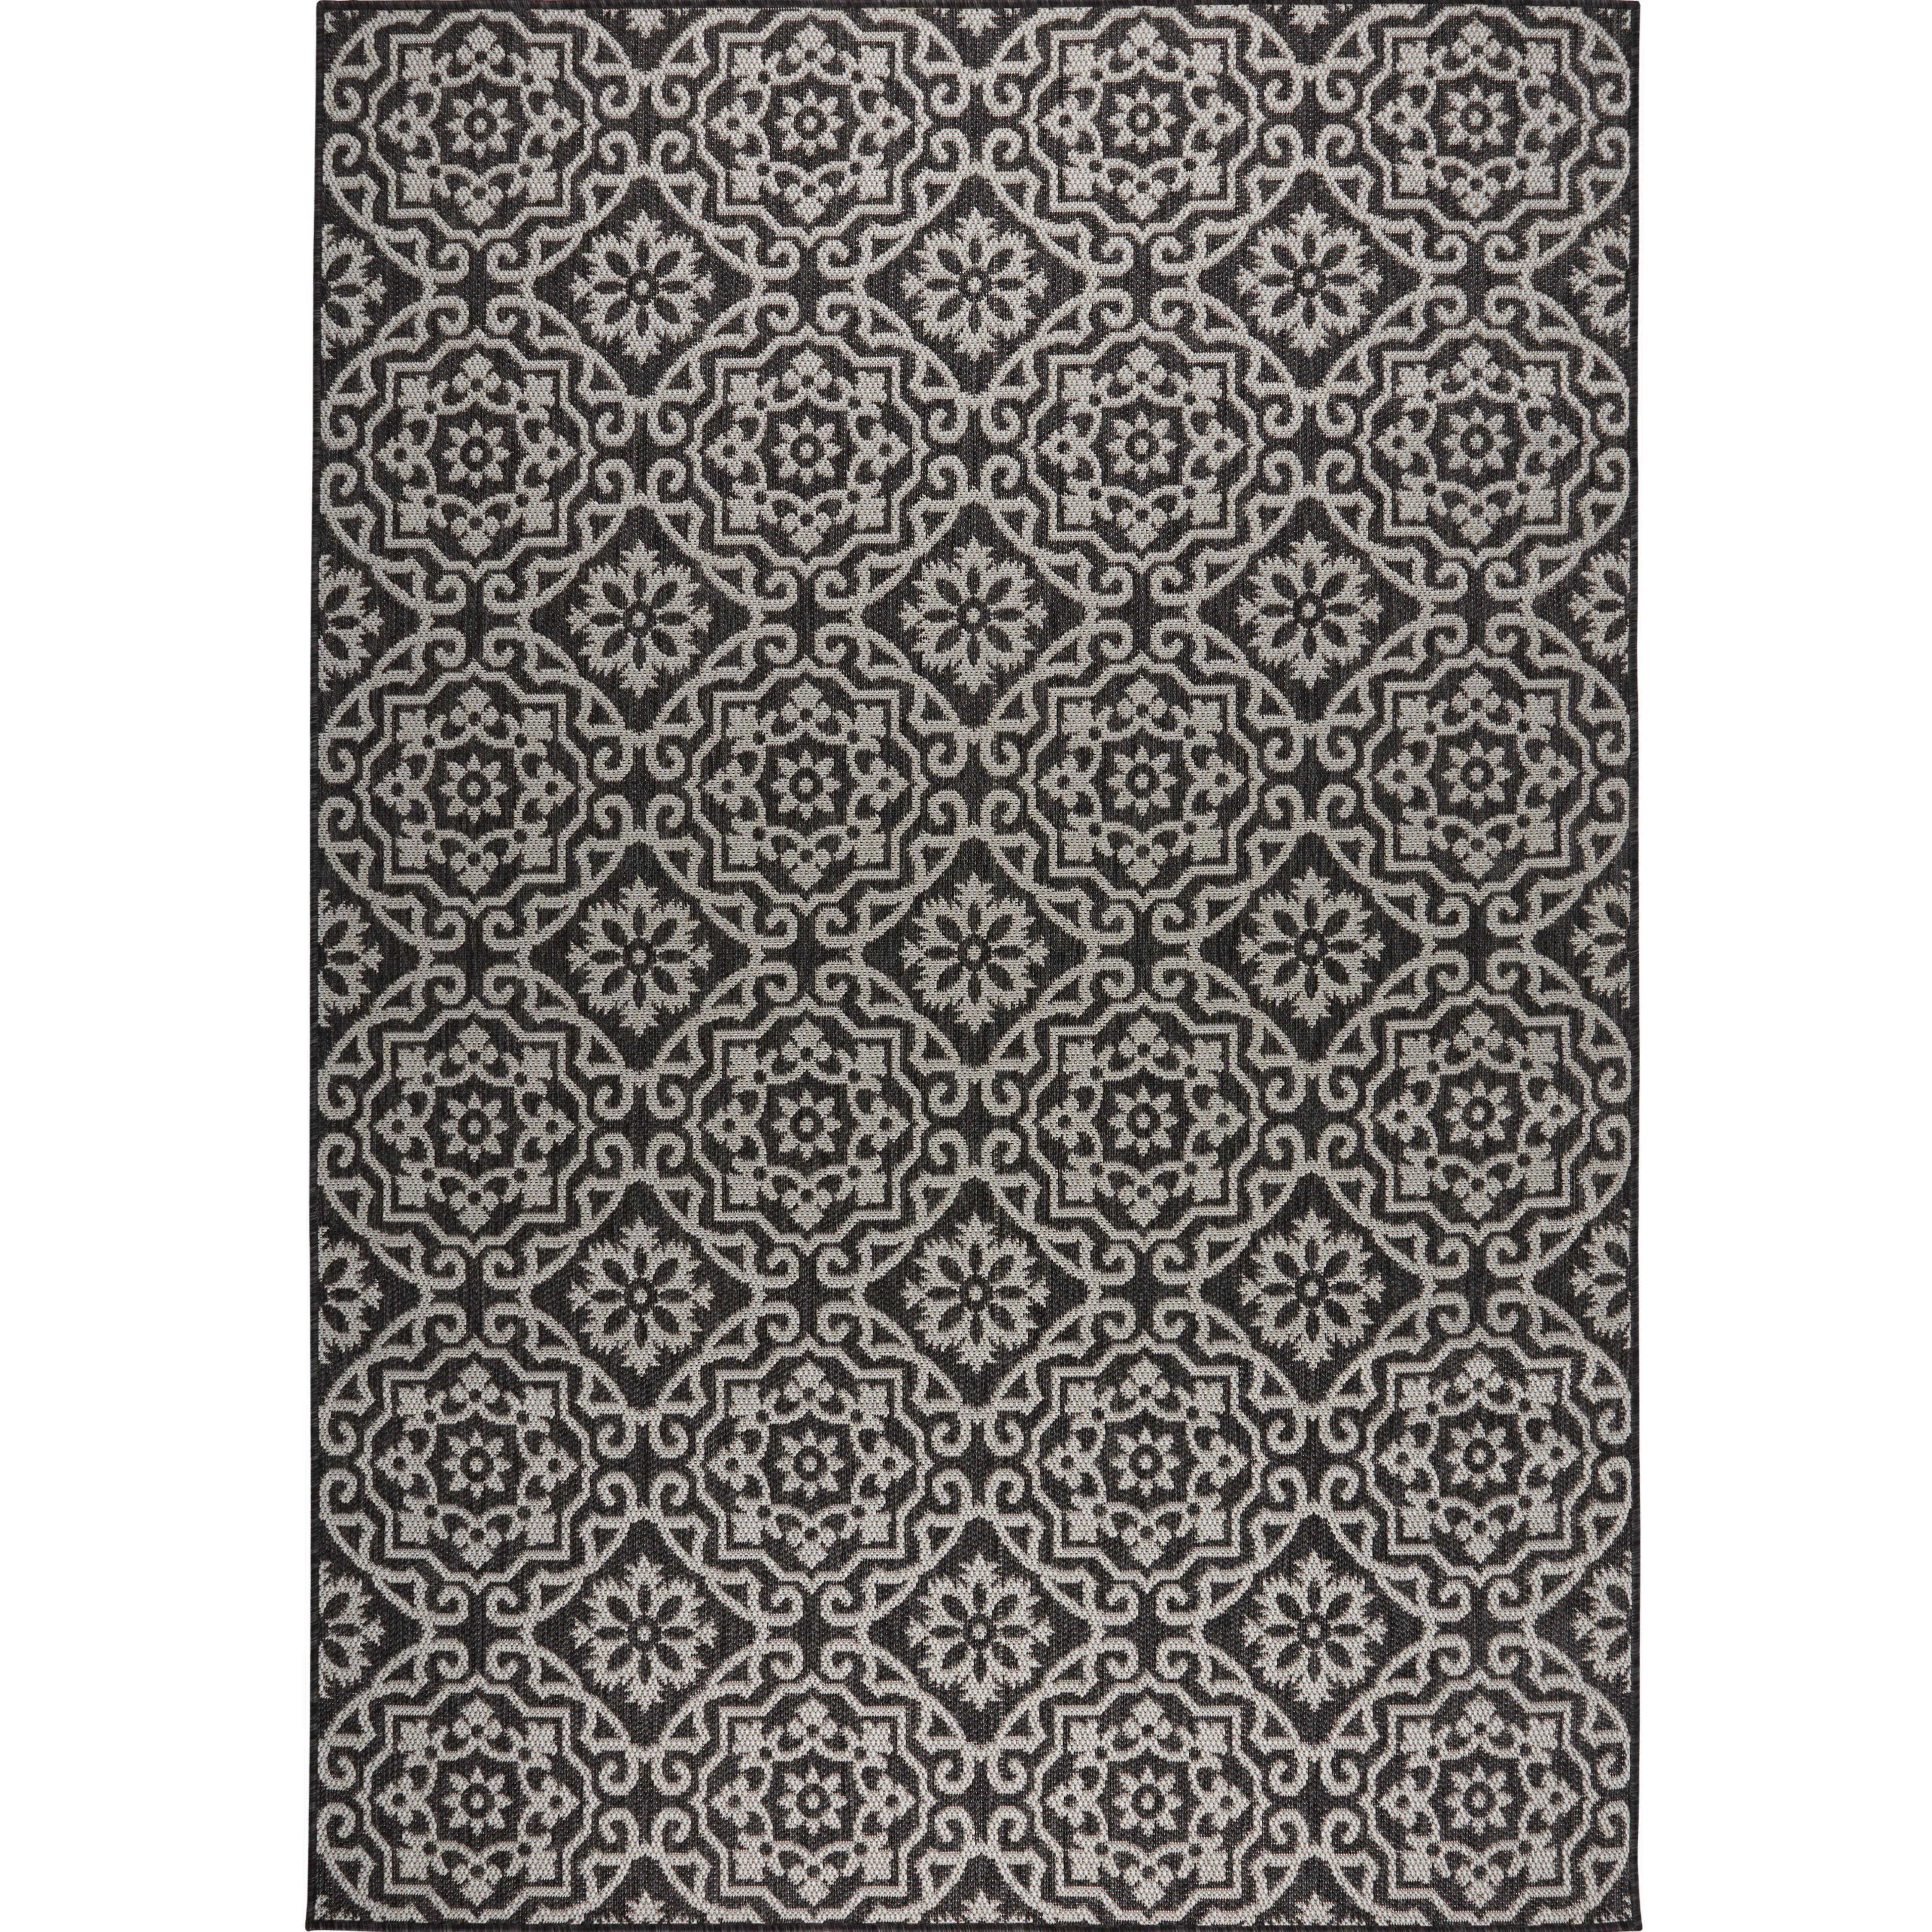 Nicole miller tiled black gray indoor outdoor area rug wayfair